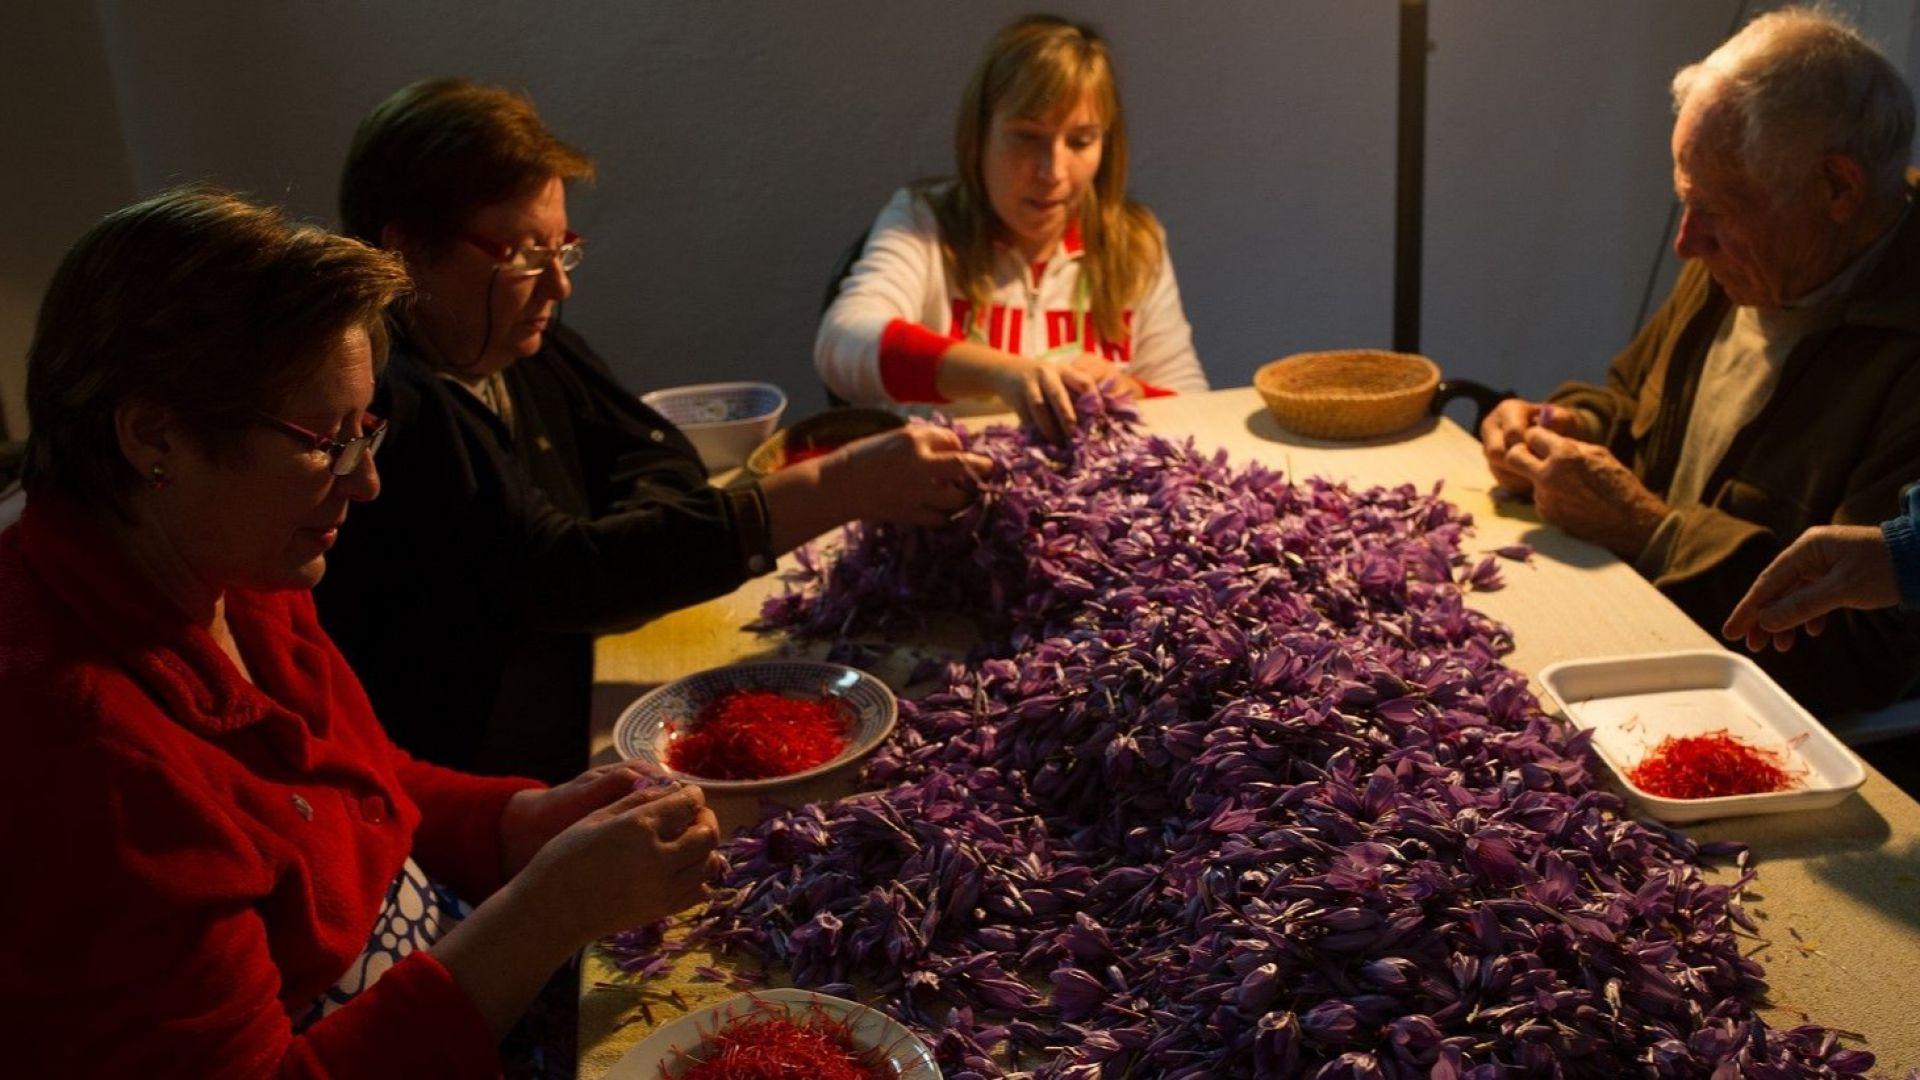 България е №1 по качество на произвеждания шафран